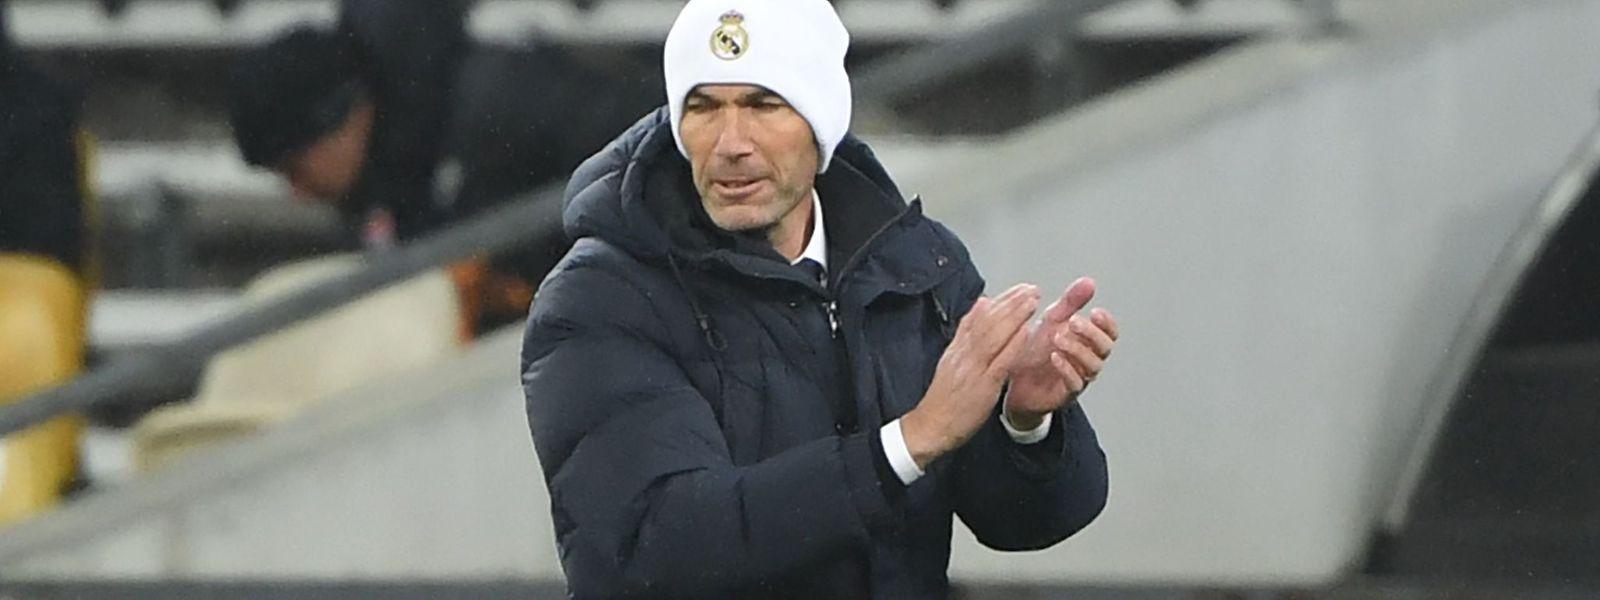 Cette victoire permet à l'entraîneur Zinédine Zidane de conserver son poste.